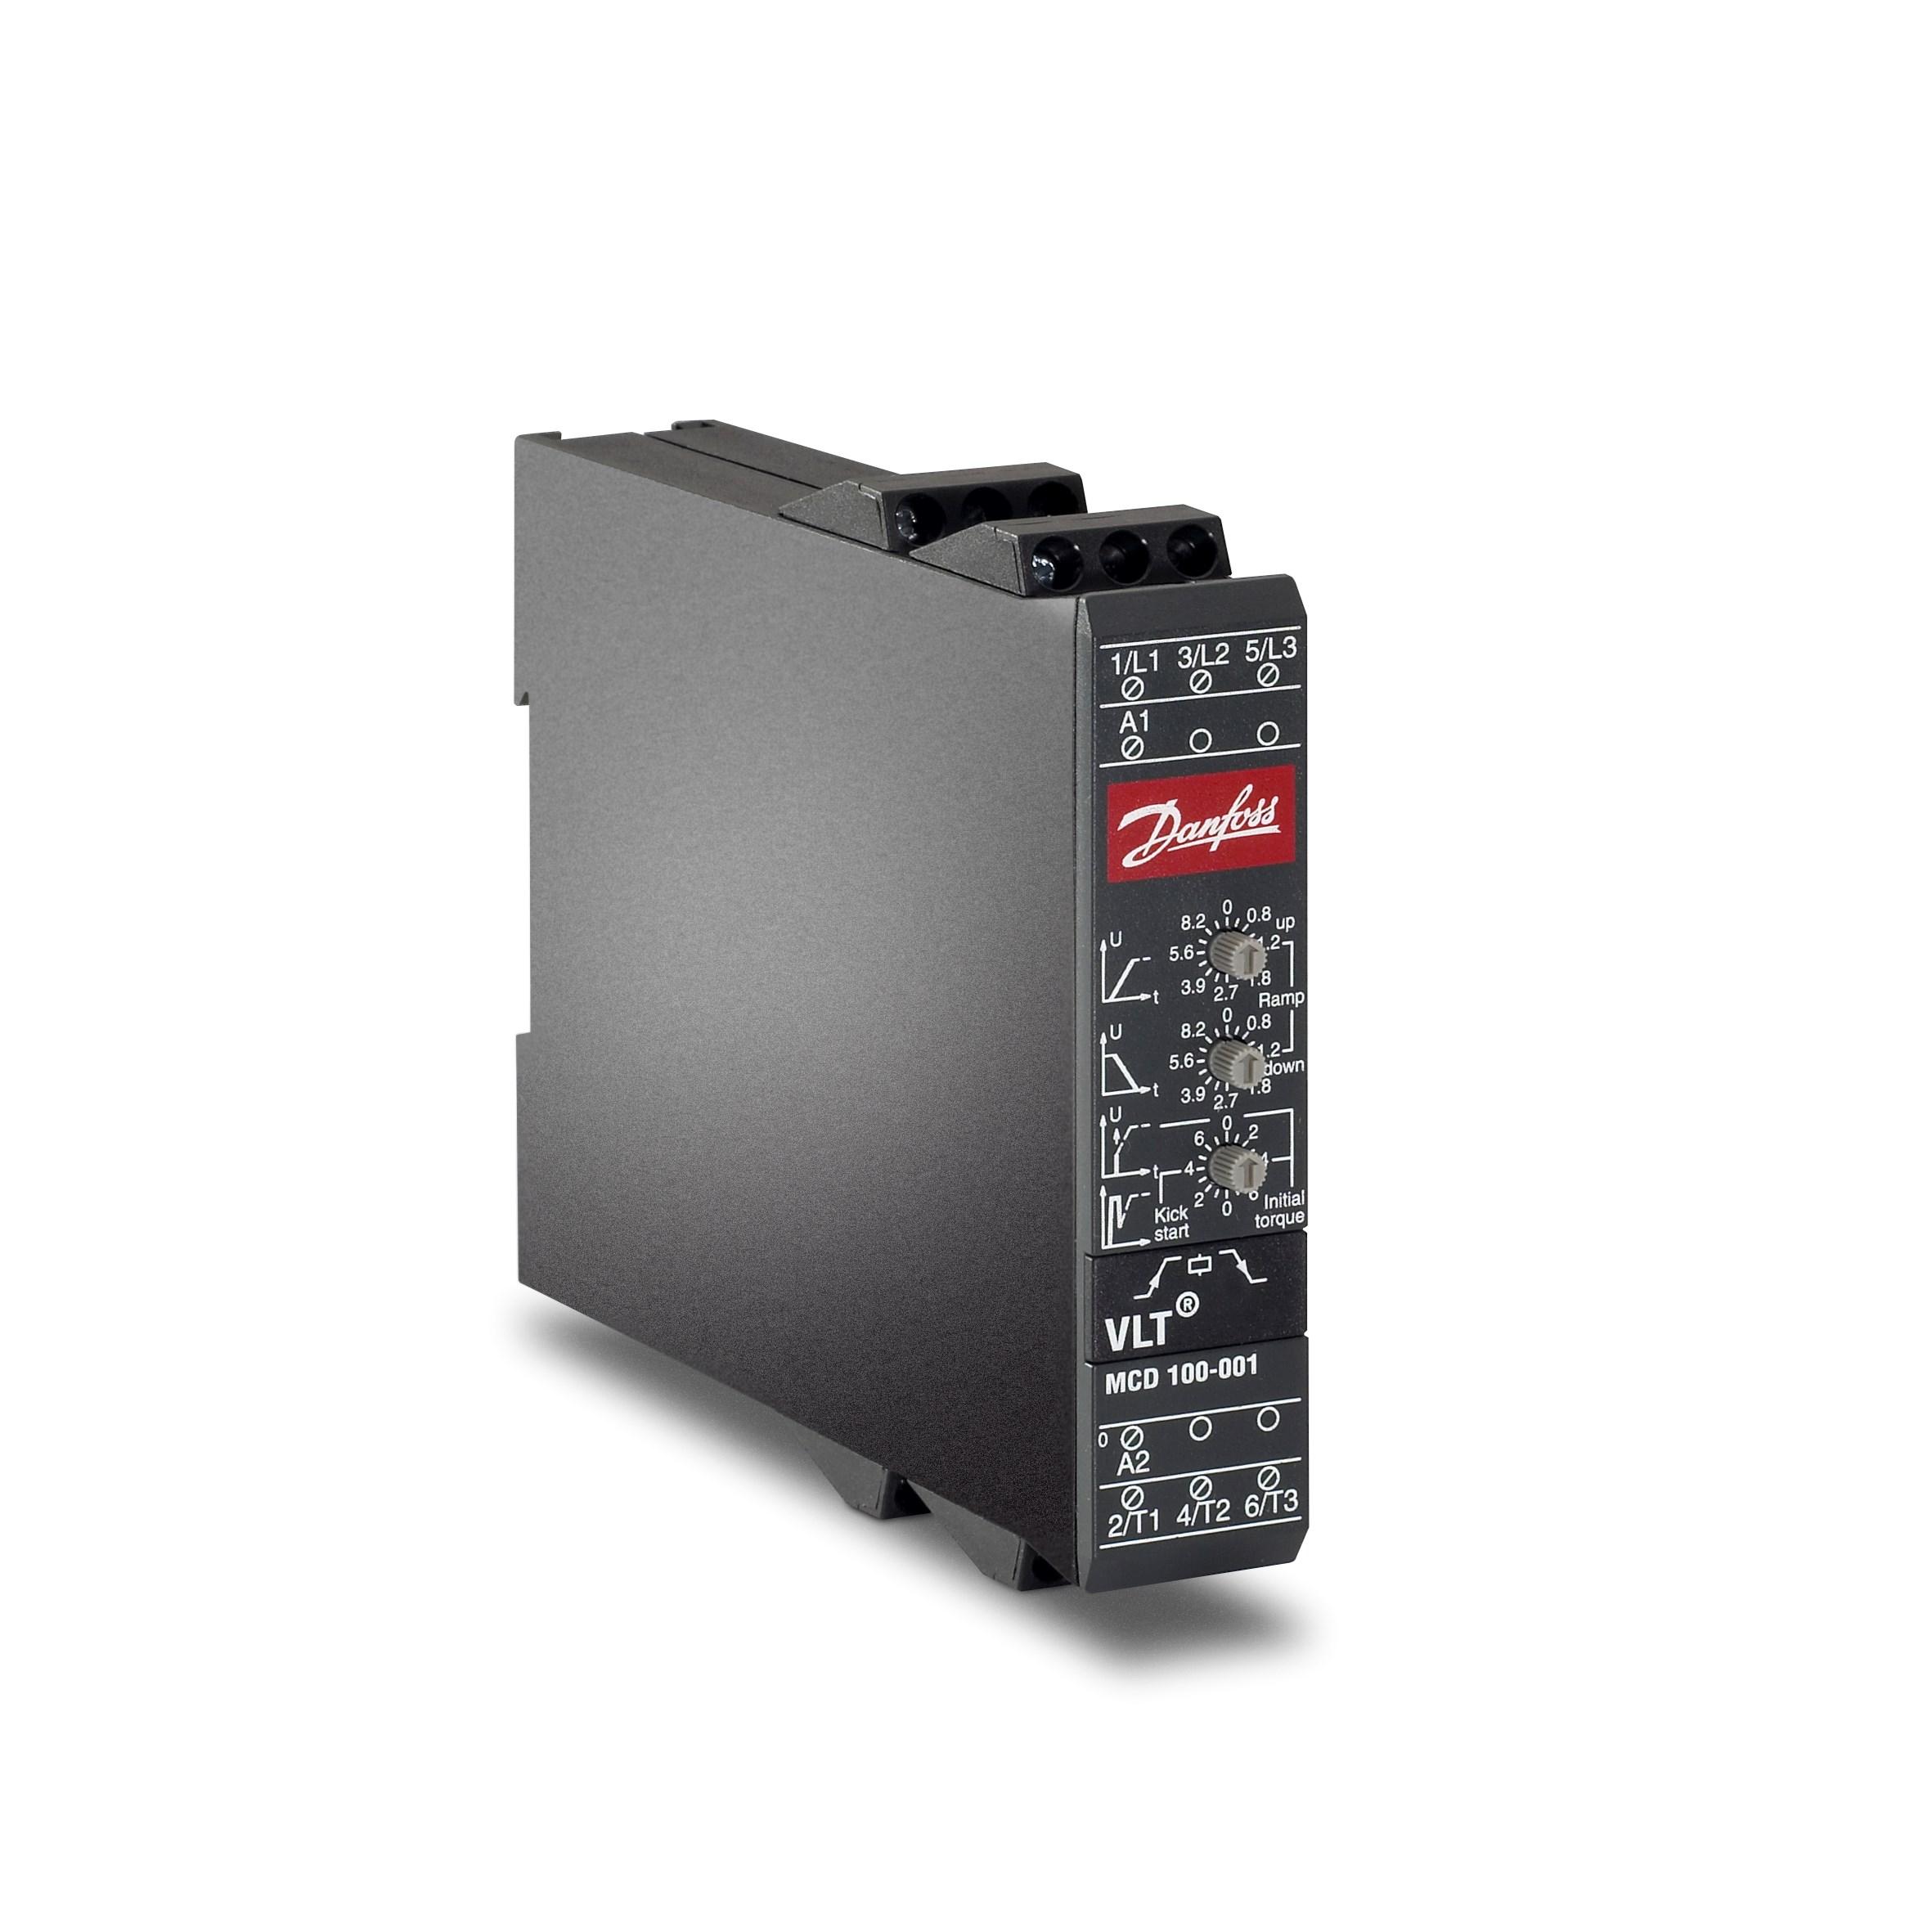 MCD100-001 208-240V, 3 A, 0,7 KW